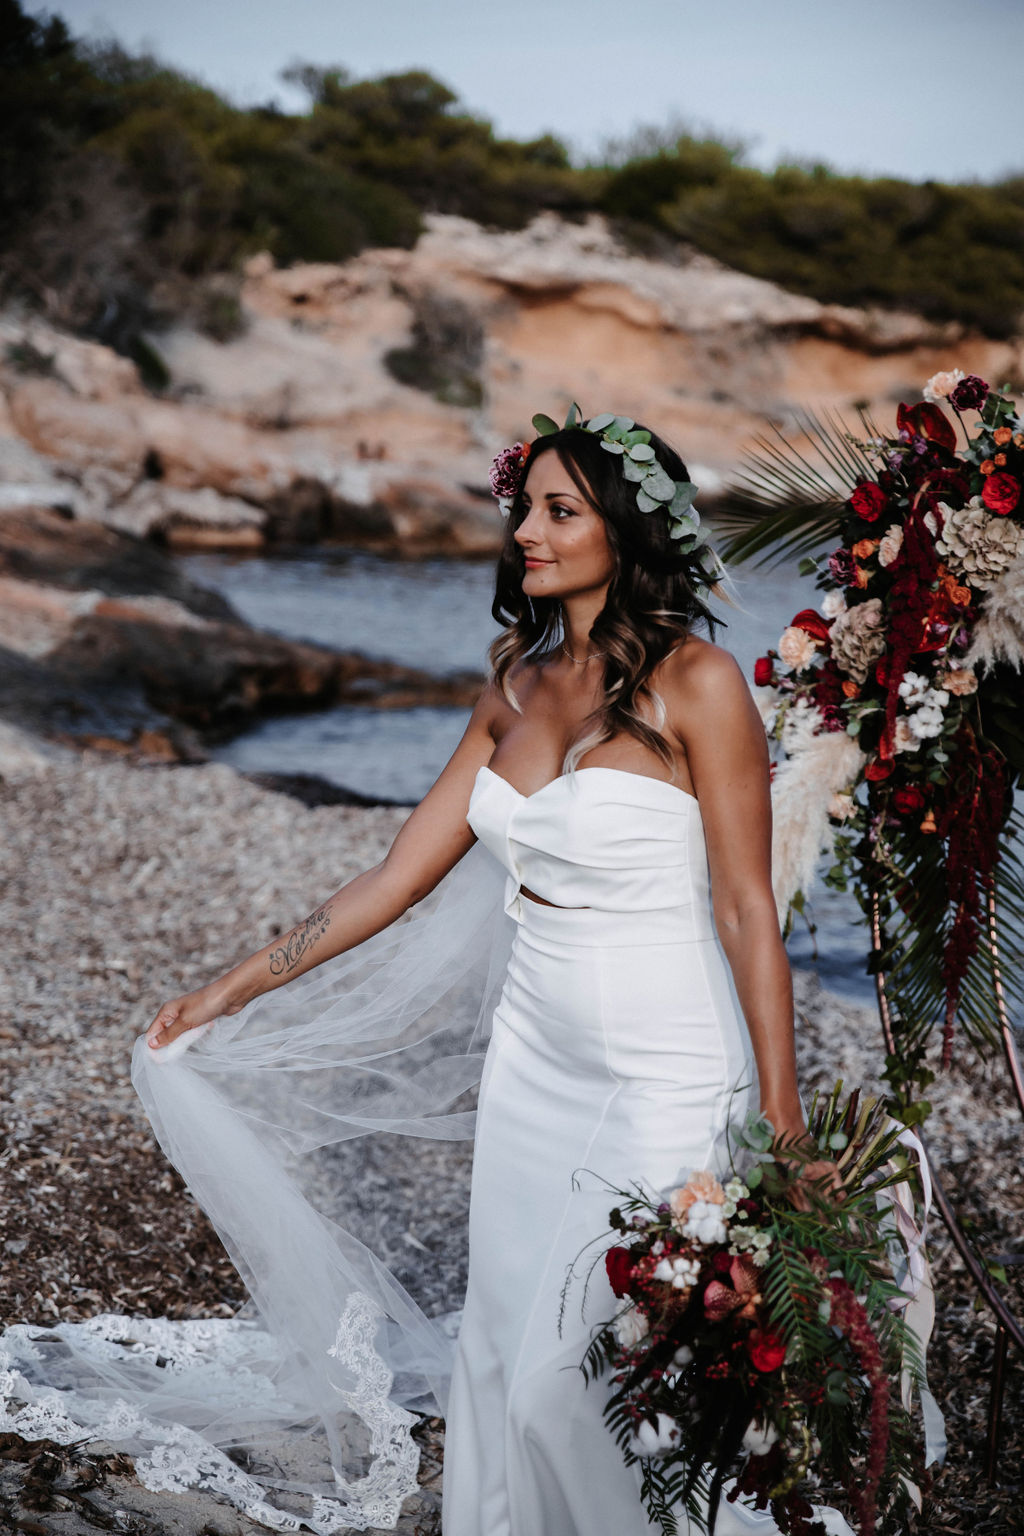 Two brides - wedding on a beach